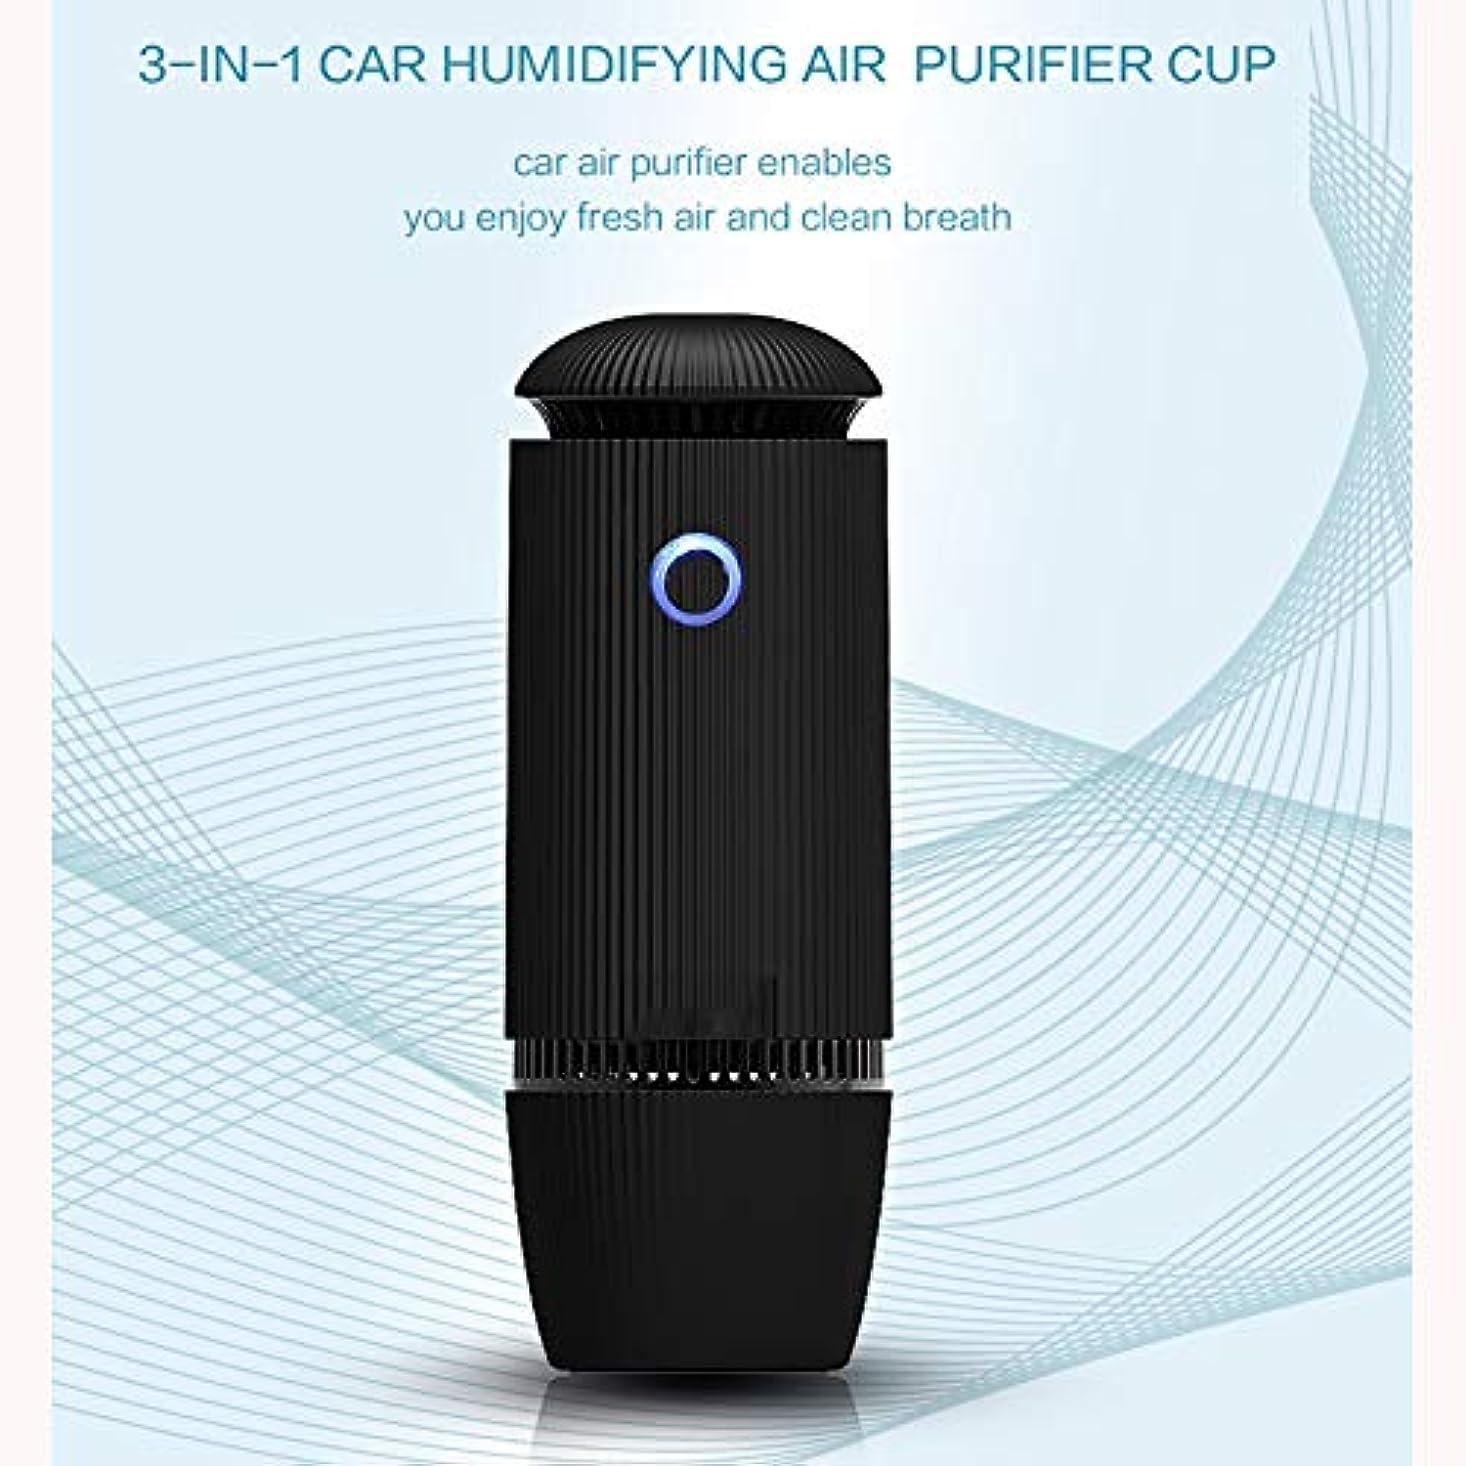 ブリーフケース遺伝子ガイダンス車のアロマセラピー機械清浄機、エッセンシャルオイルディフューザー多機能USBアロマ加湿器用車、家庭、仕事